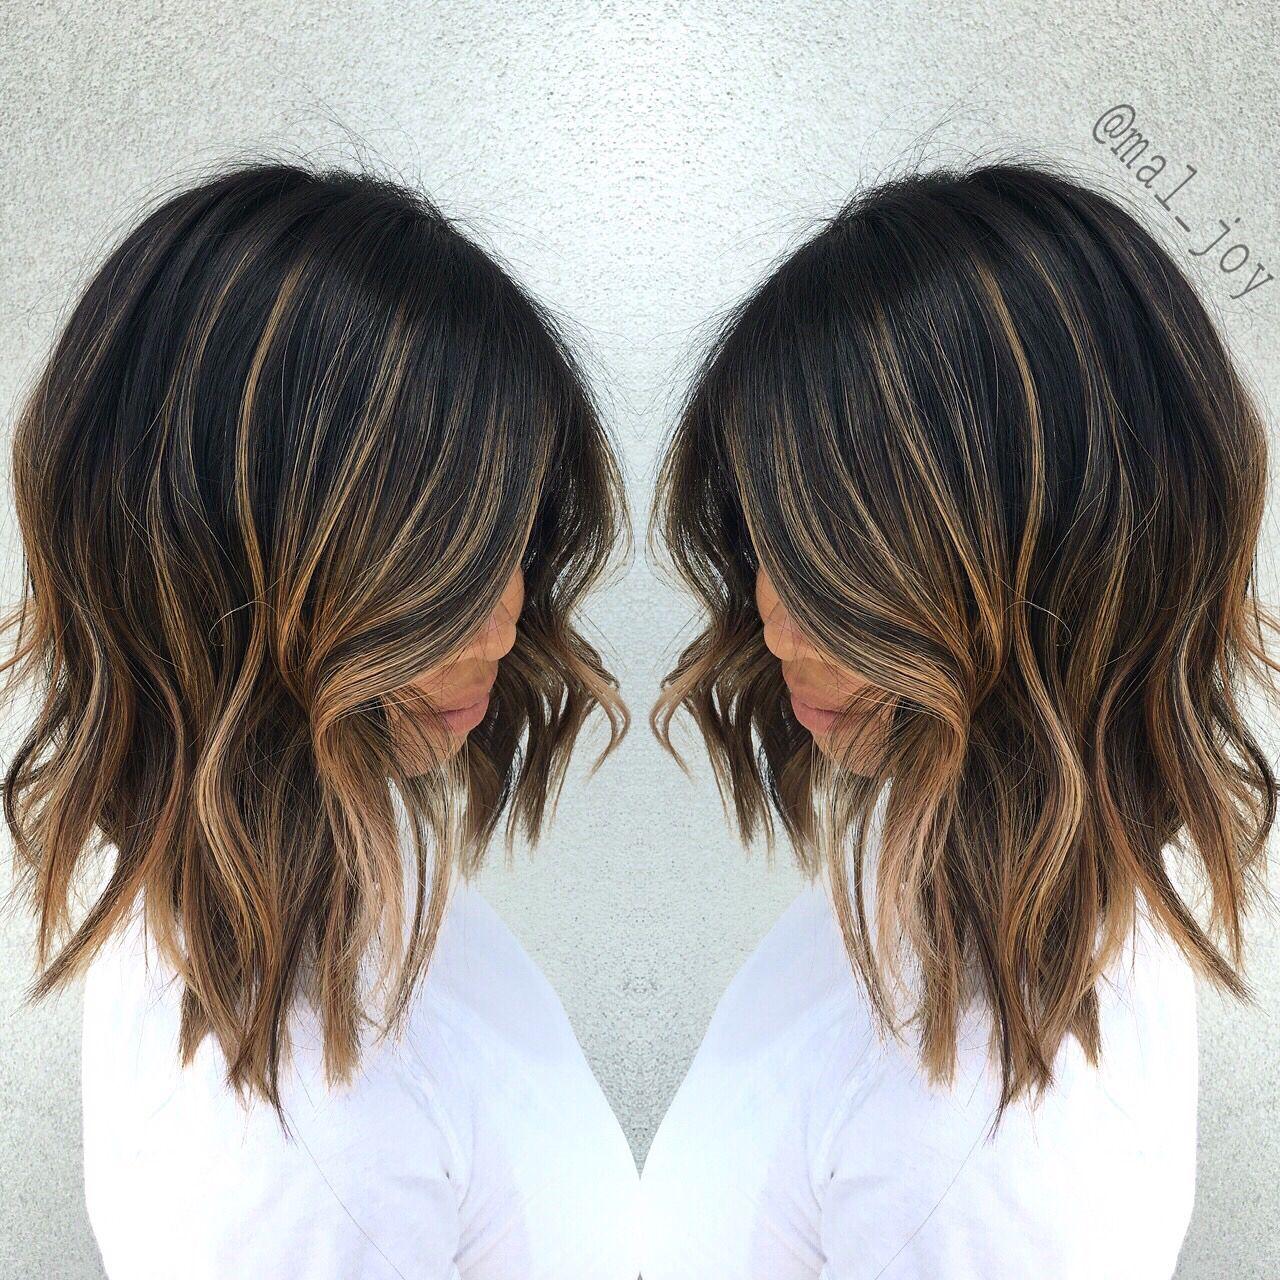 Lob haircut